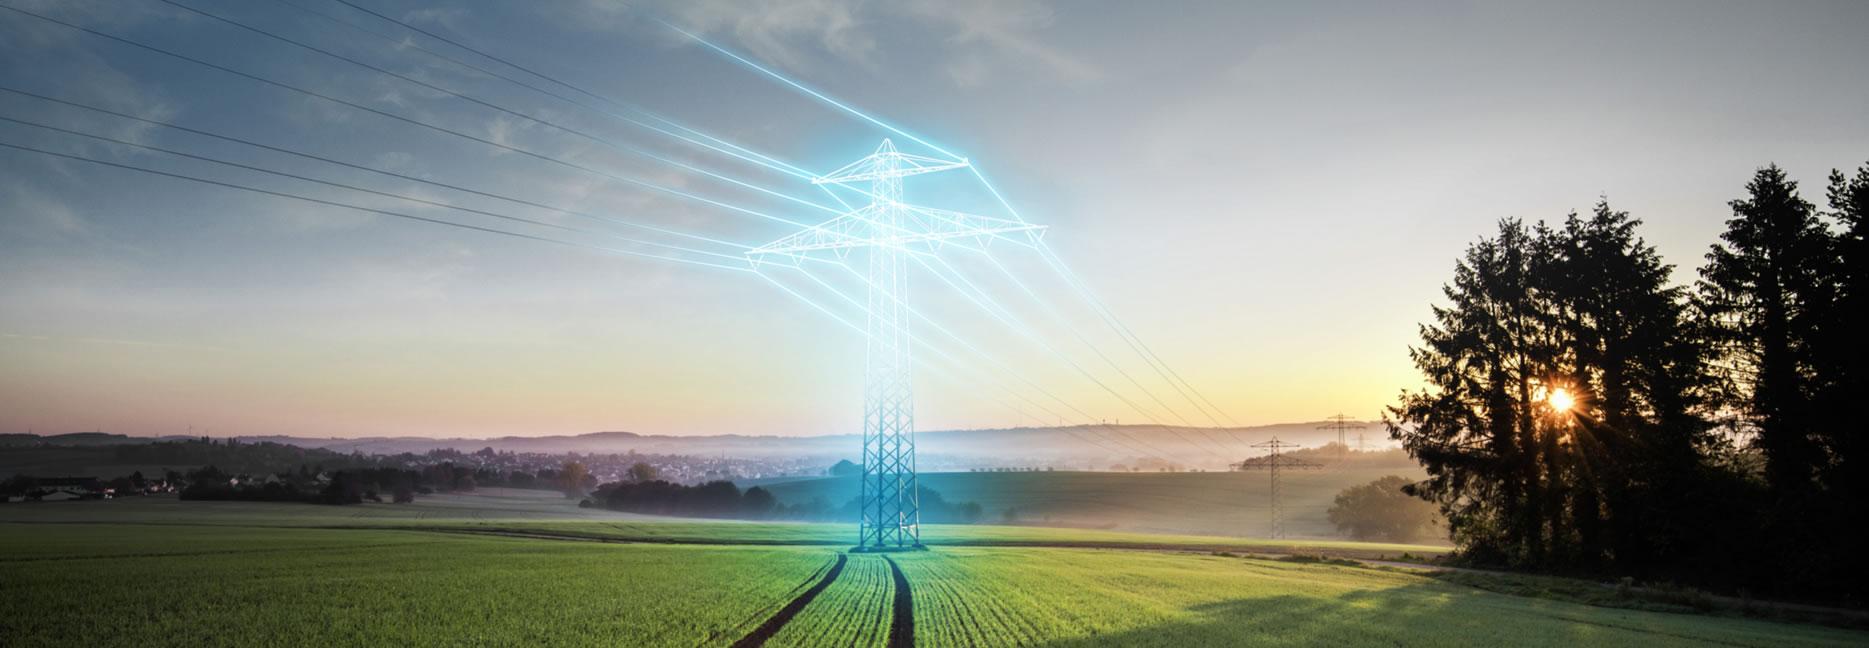 Wir versorgen das Saarland sicher und sind bestens vernetzt.: